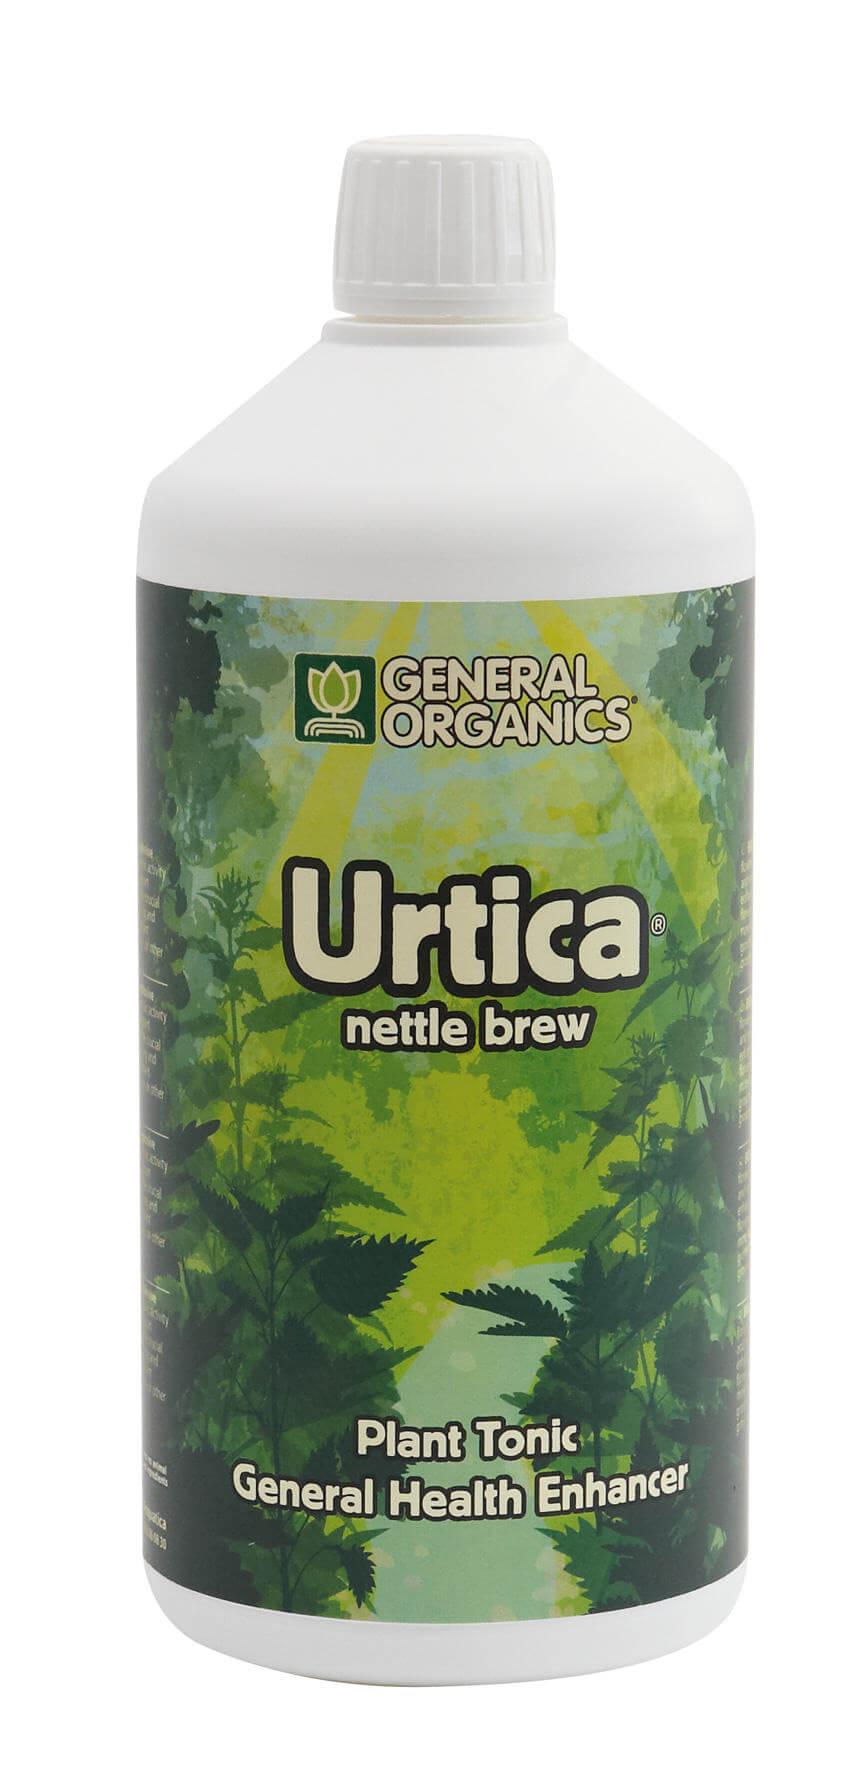 Urtica de General Organics